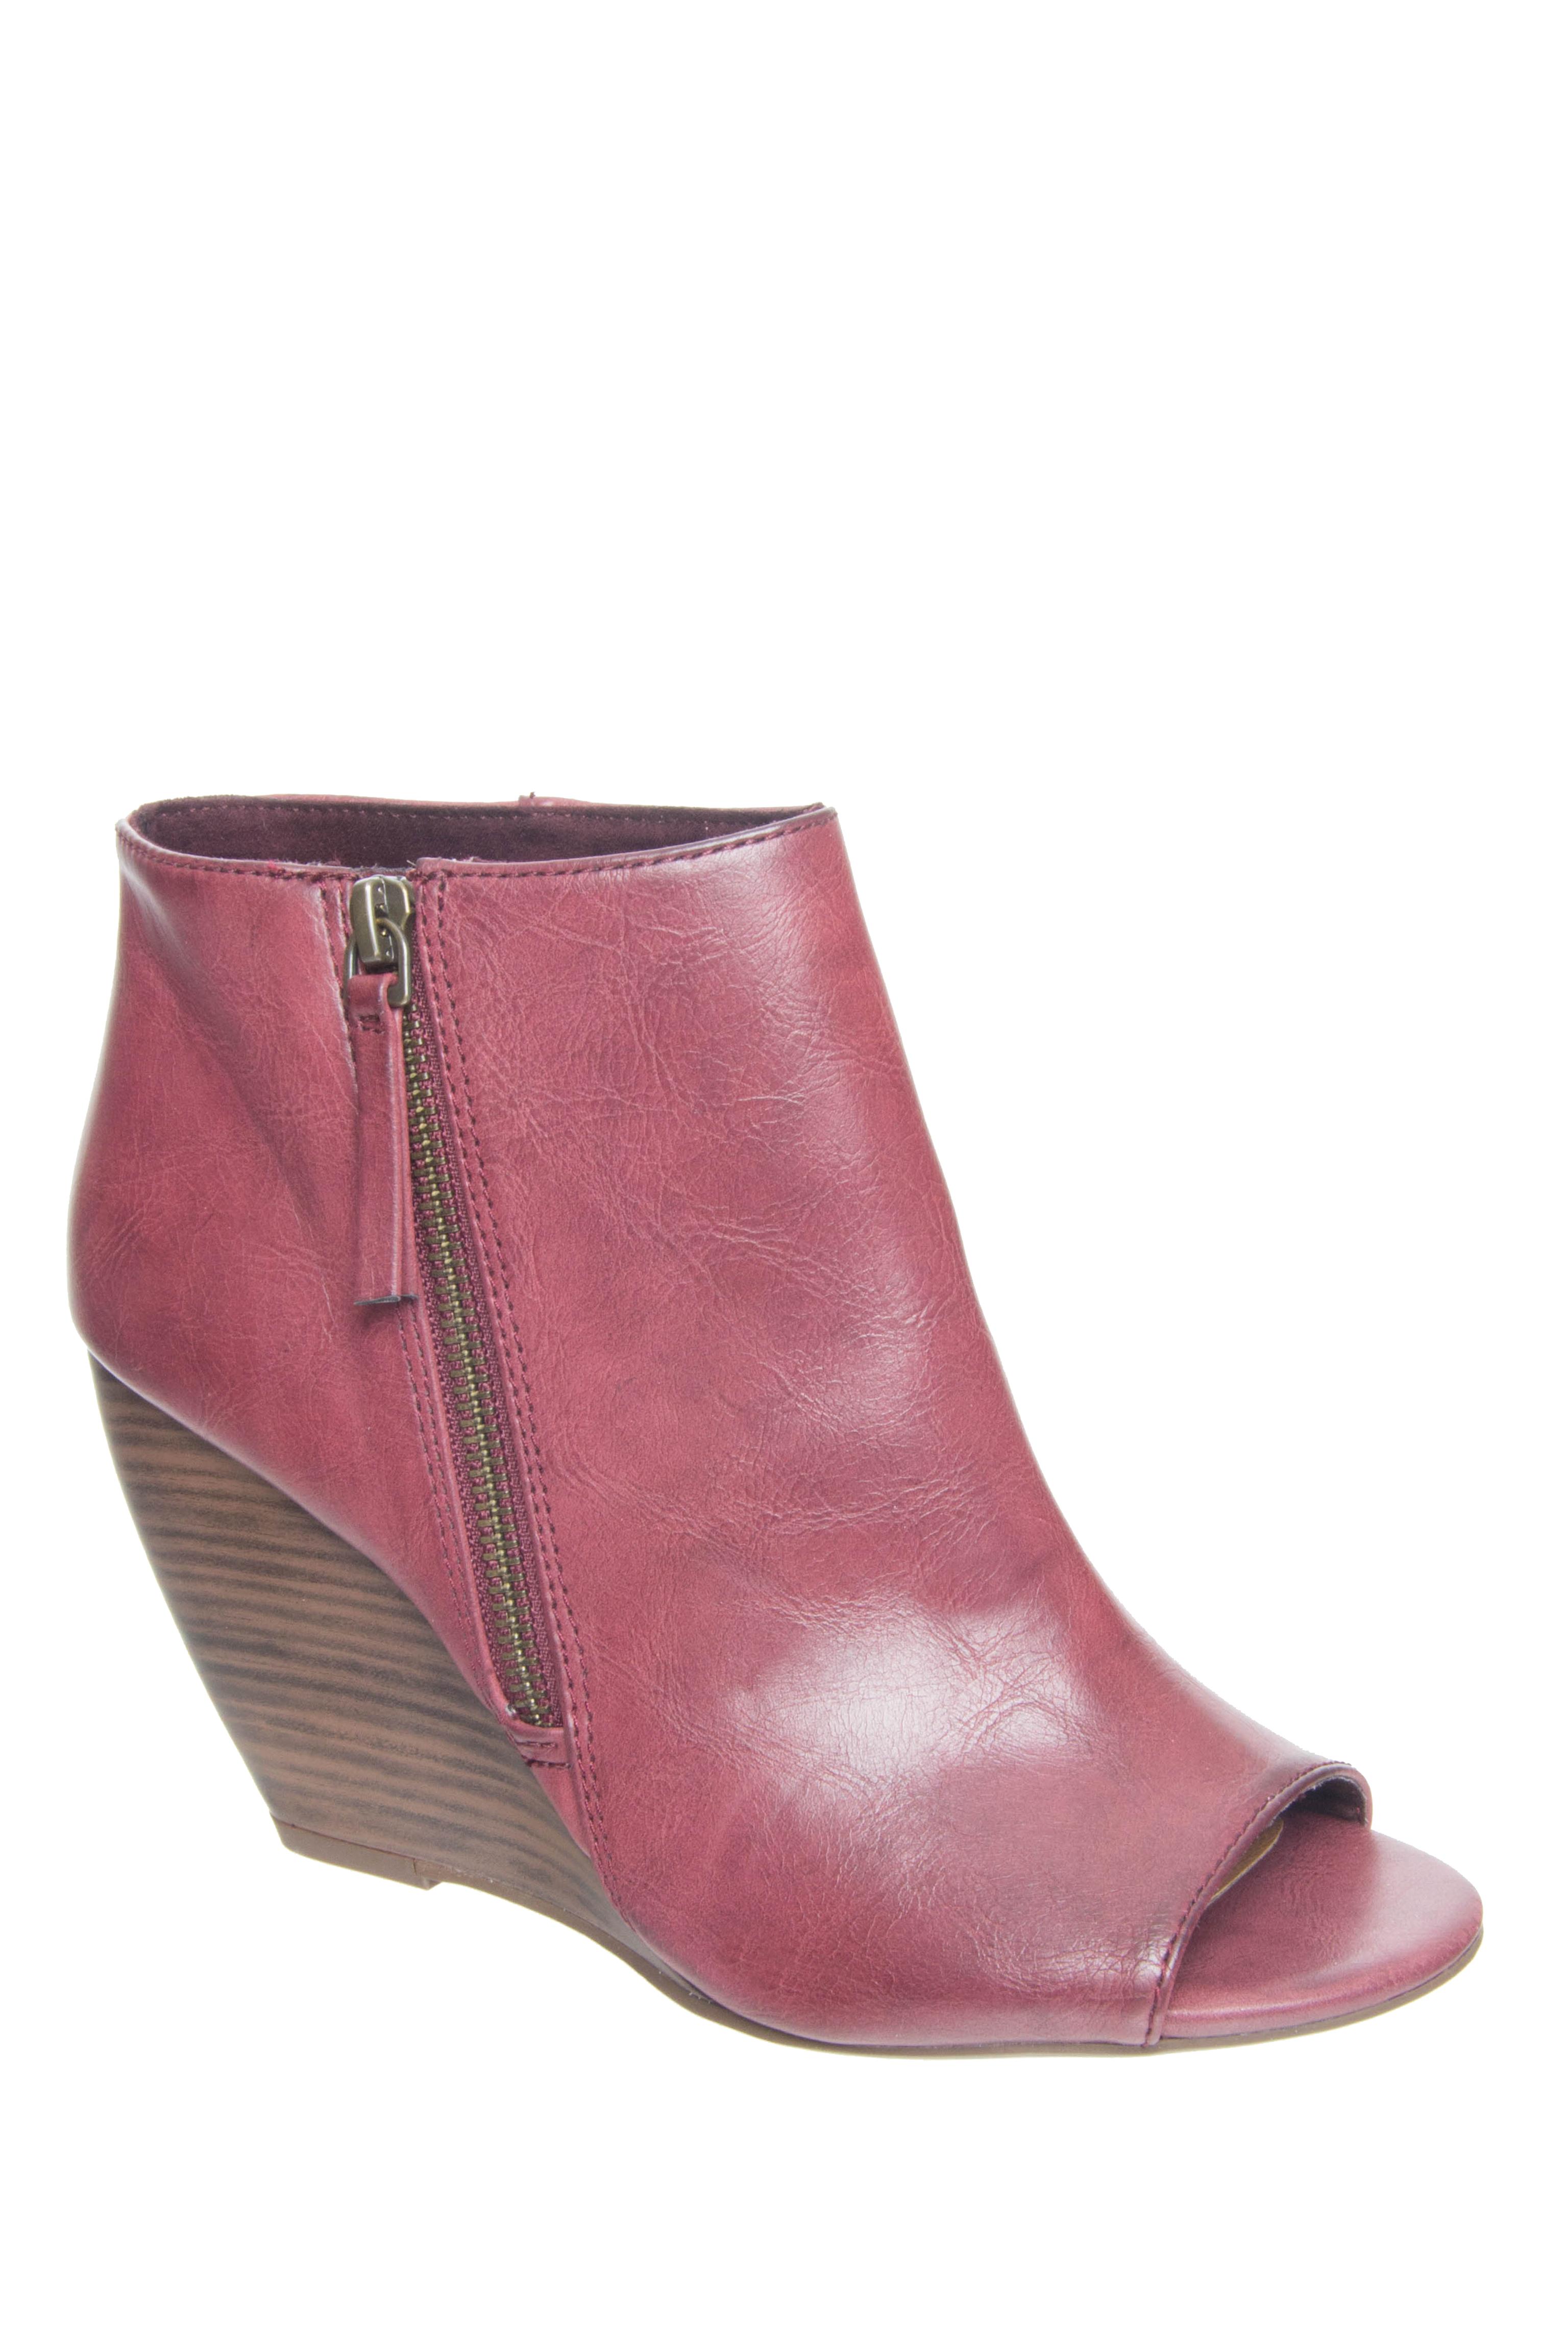 BC Footwear Rebellion II High Wedge Peep Toe Booties - Burgundy